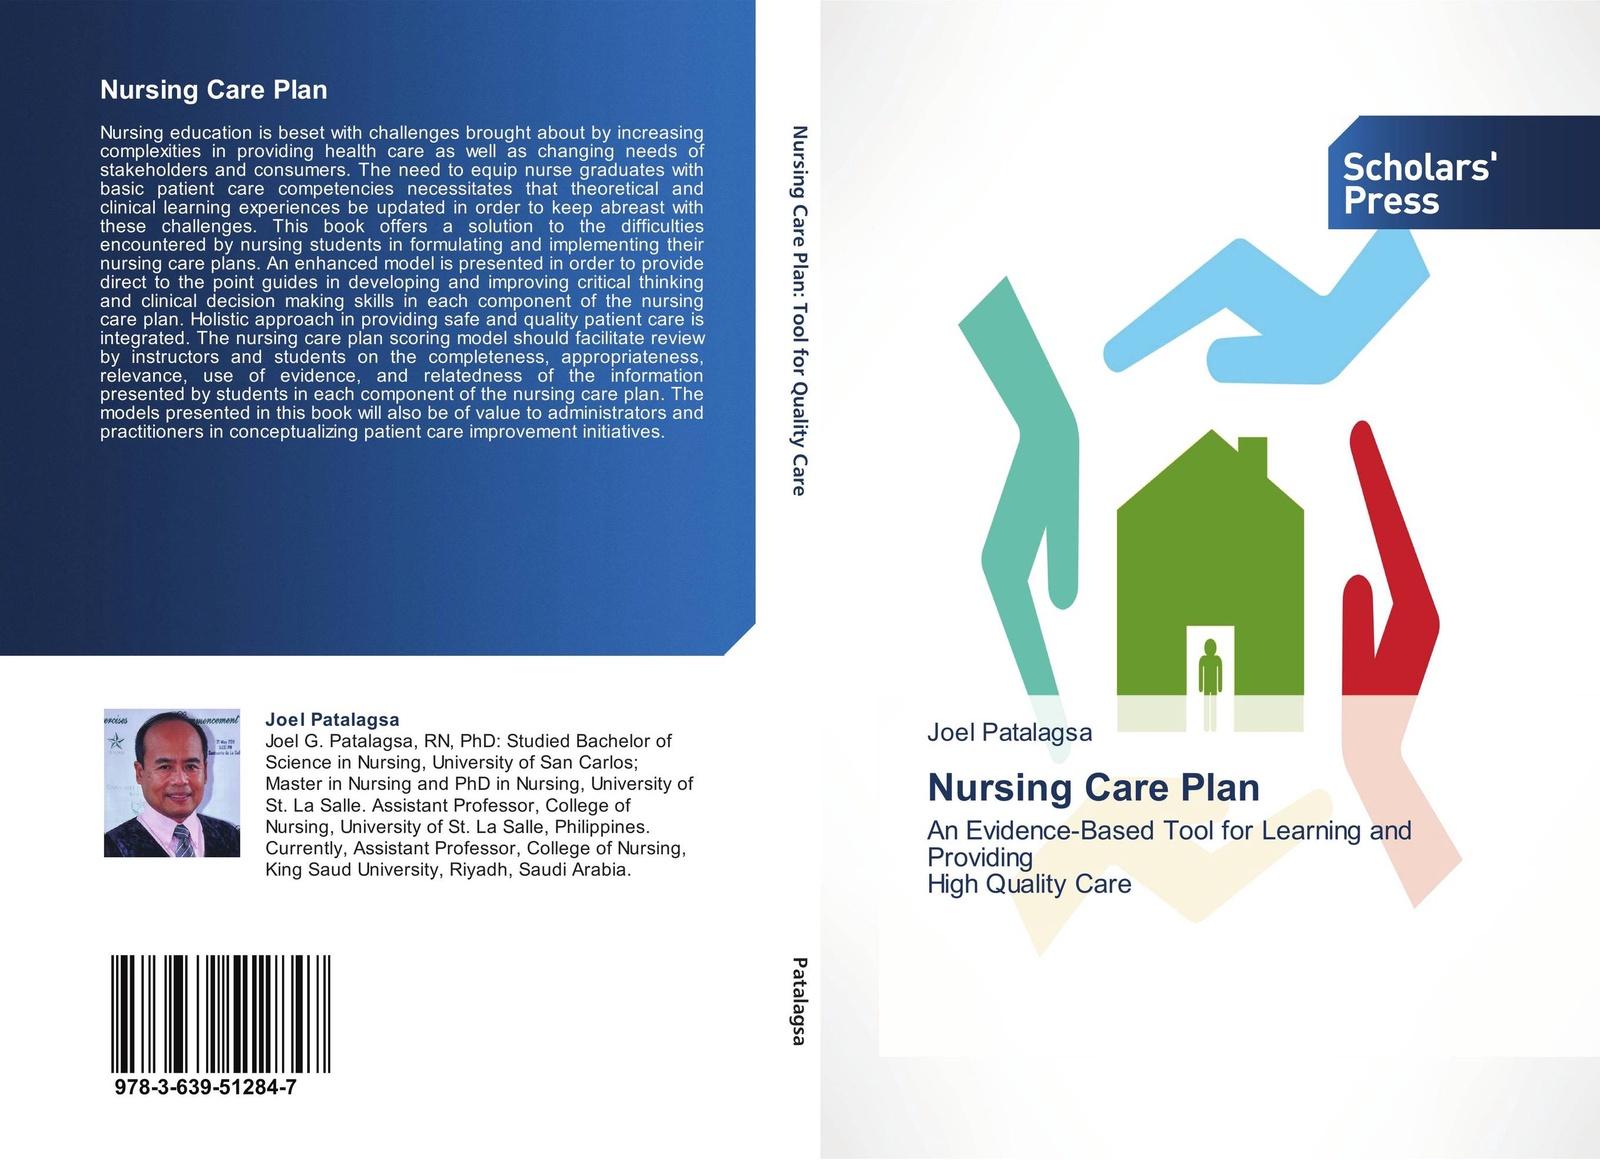 Joel Patalagsa Nursing Care Plan цена в Москве и Питере